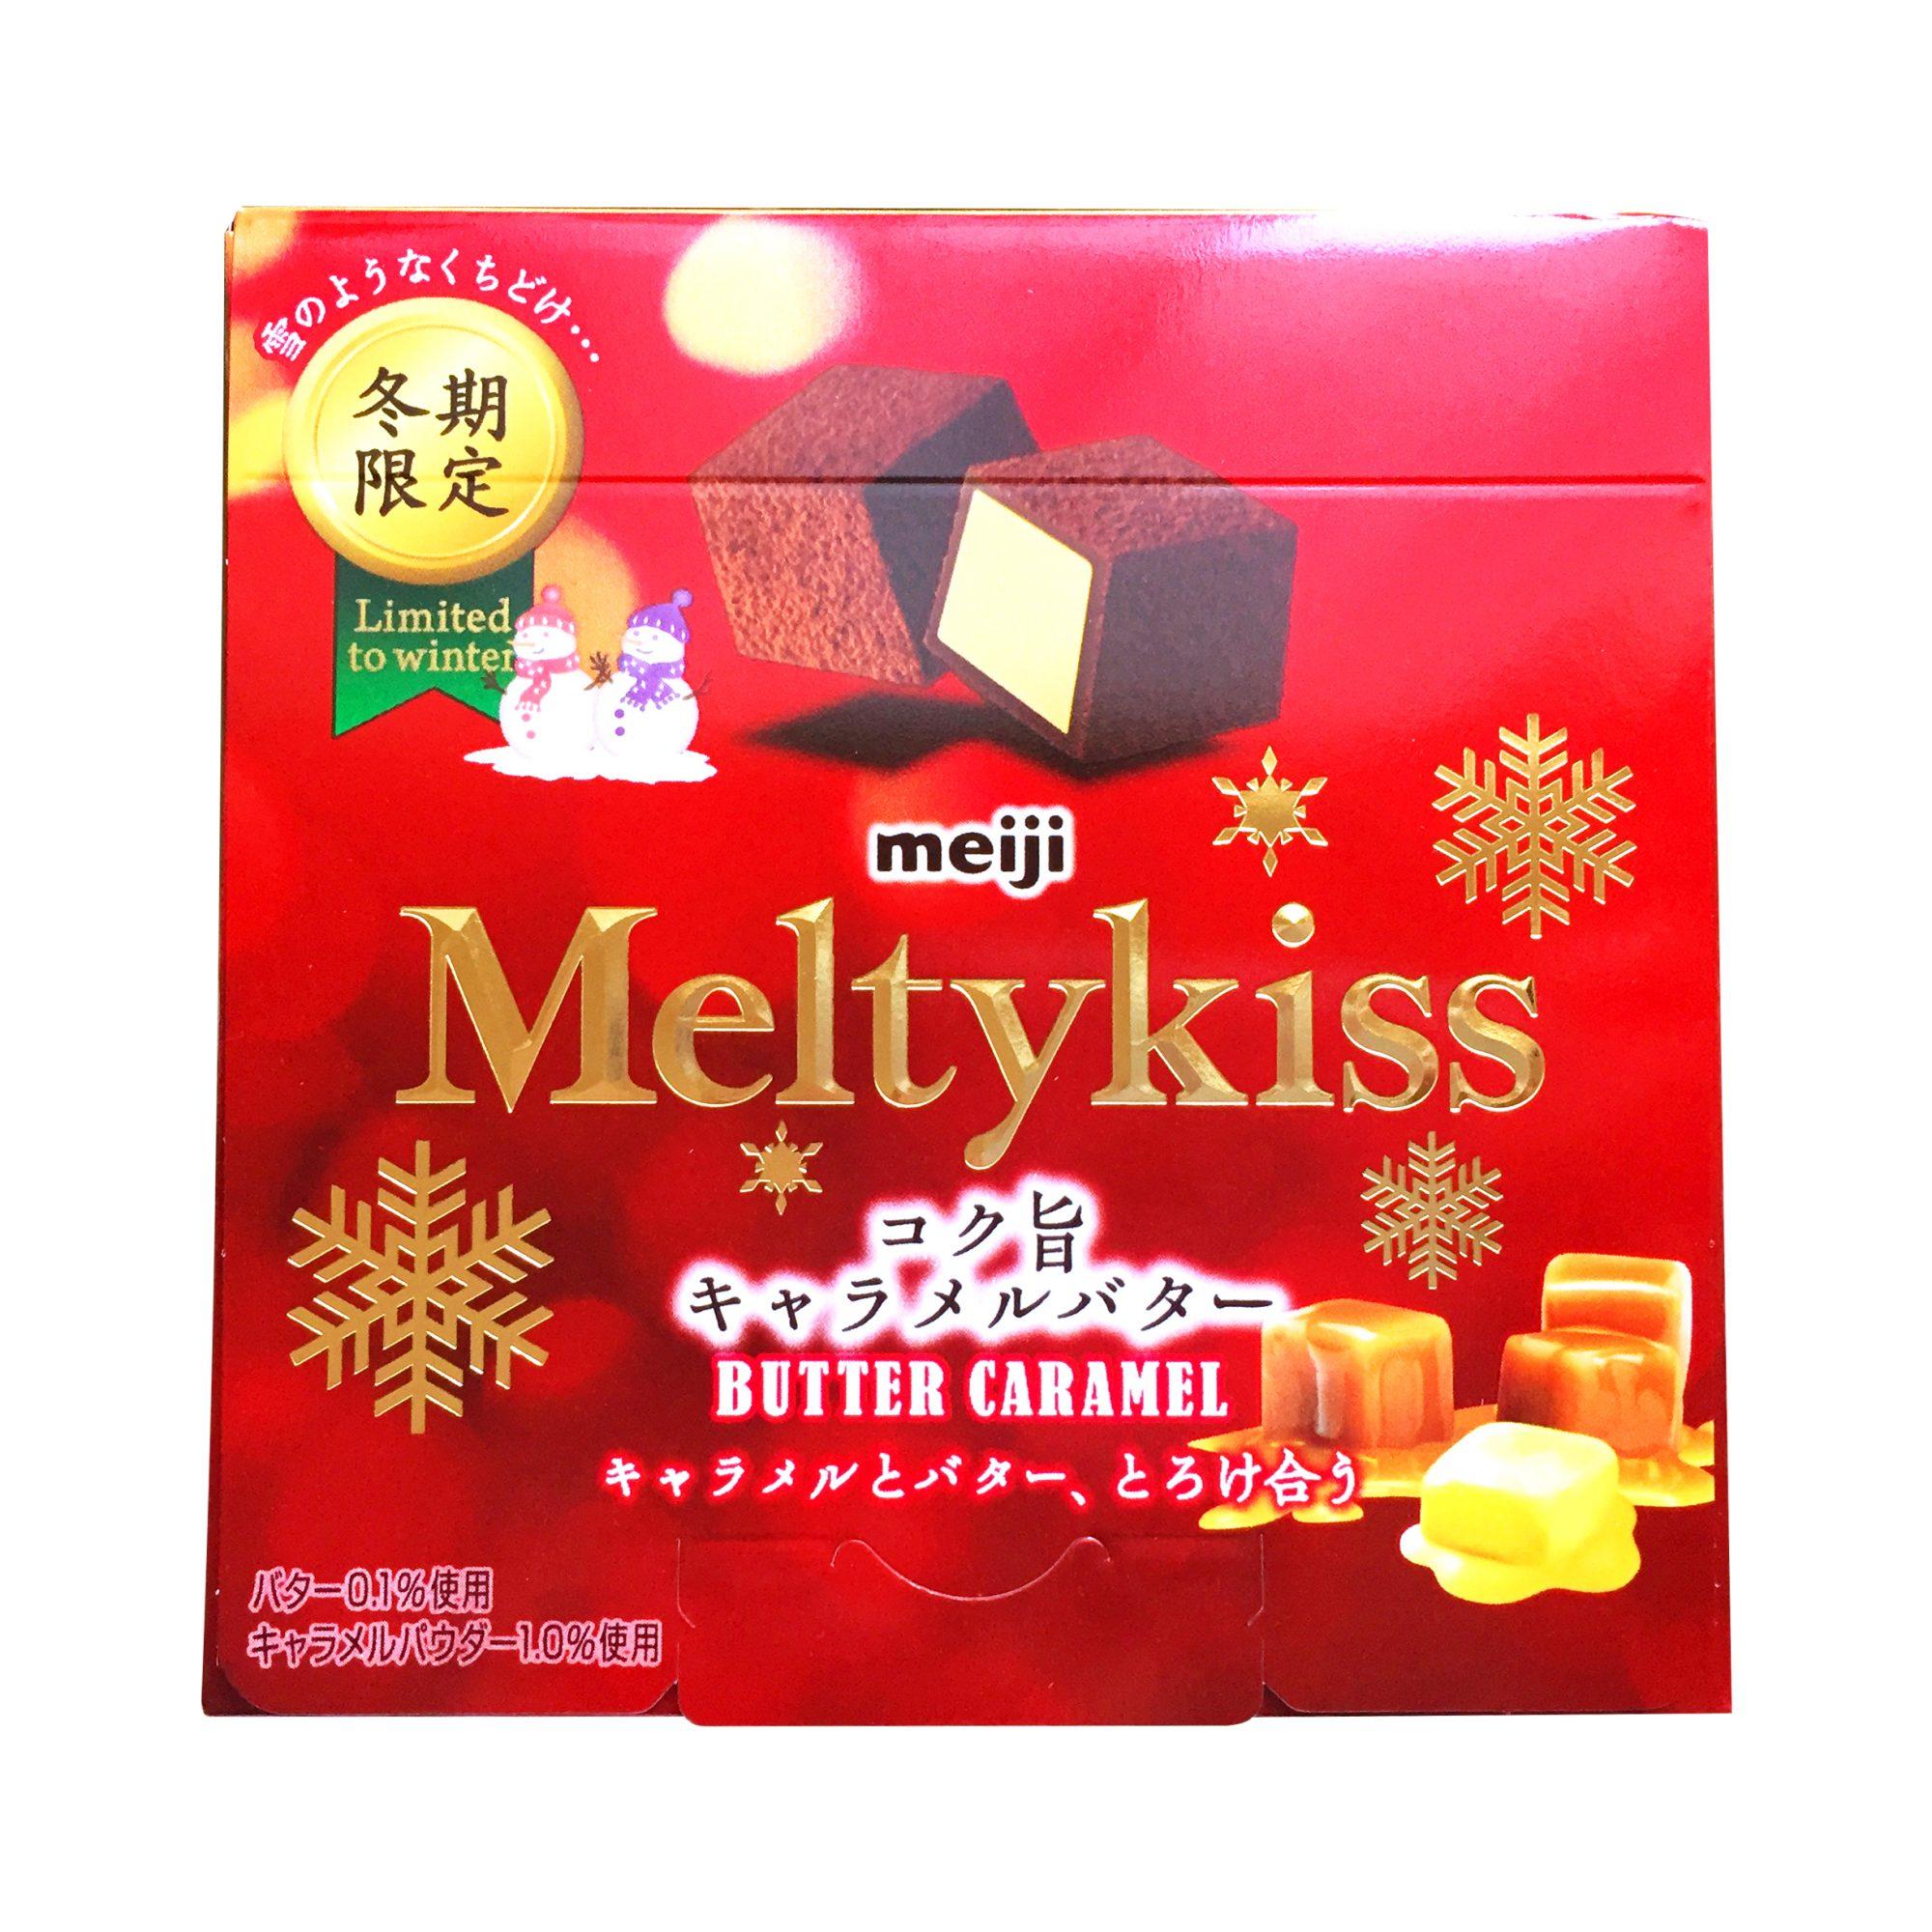 明治『メルティーキッス コク旨キャラメルバター 56g』はコクを感じるバターの芳醇な香りとキャラメルの豊かな風味が激ウマな冬期限定チョコレート!